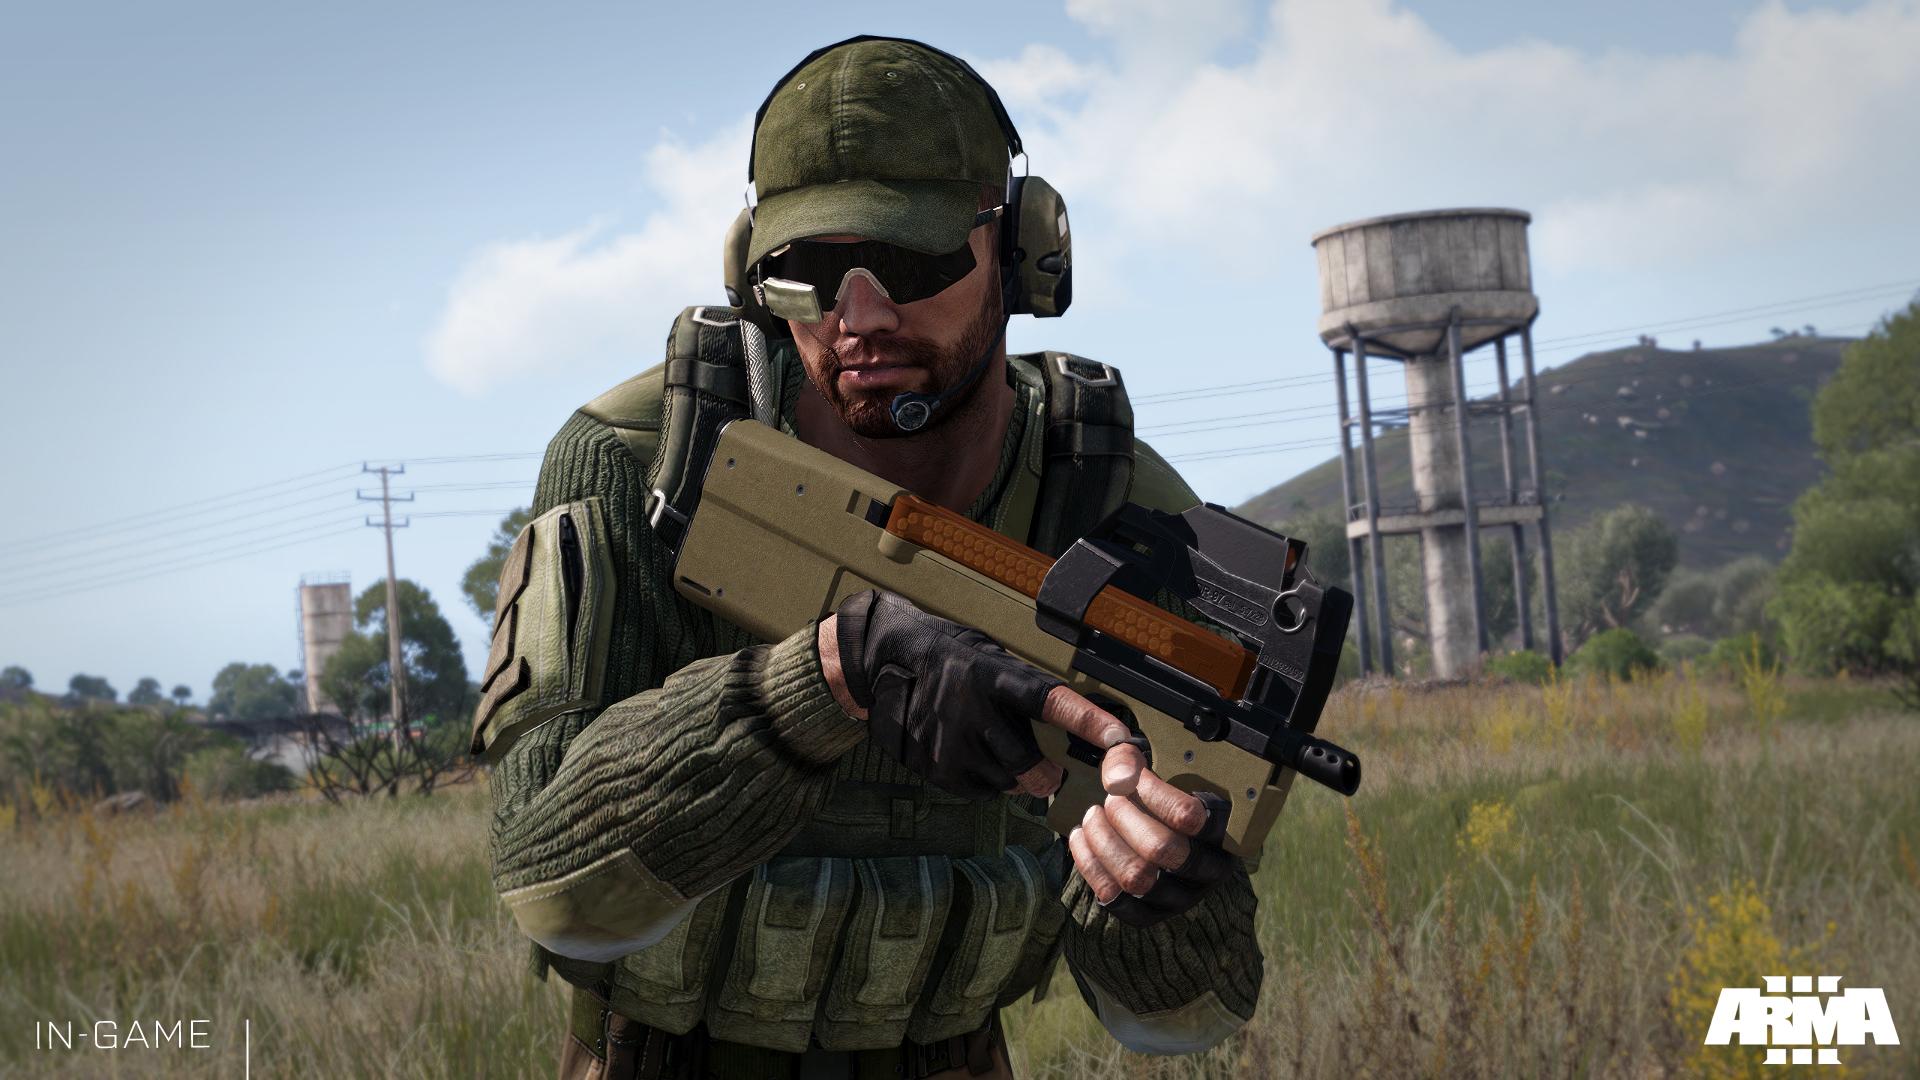 Next life gun game a - Arma 3 Server | TopG